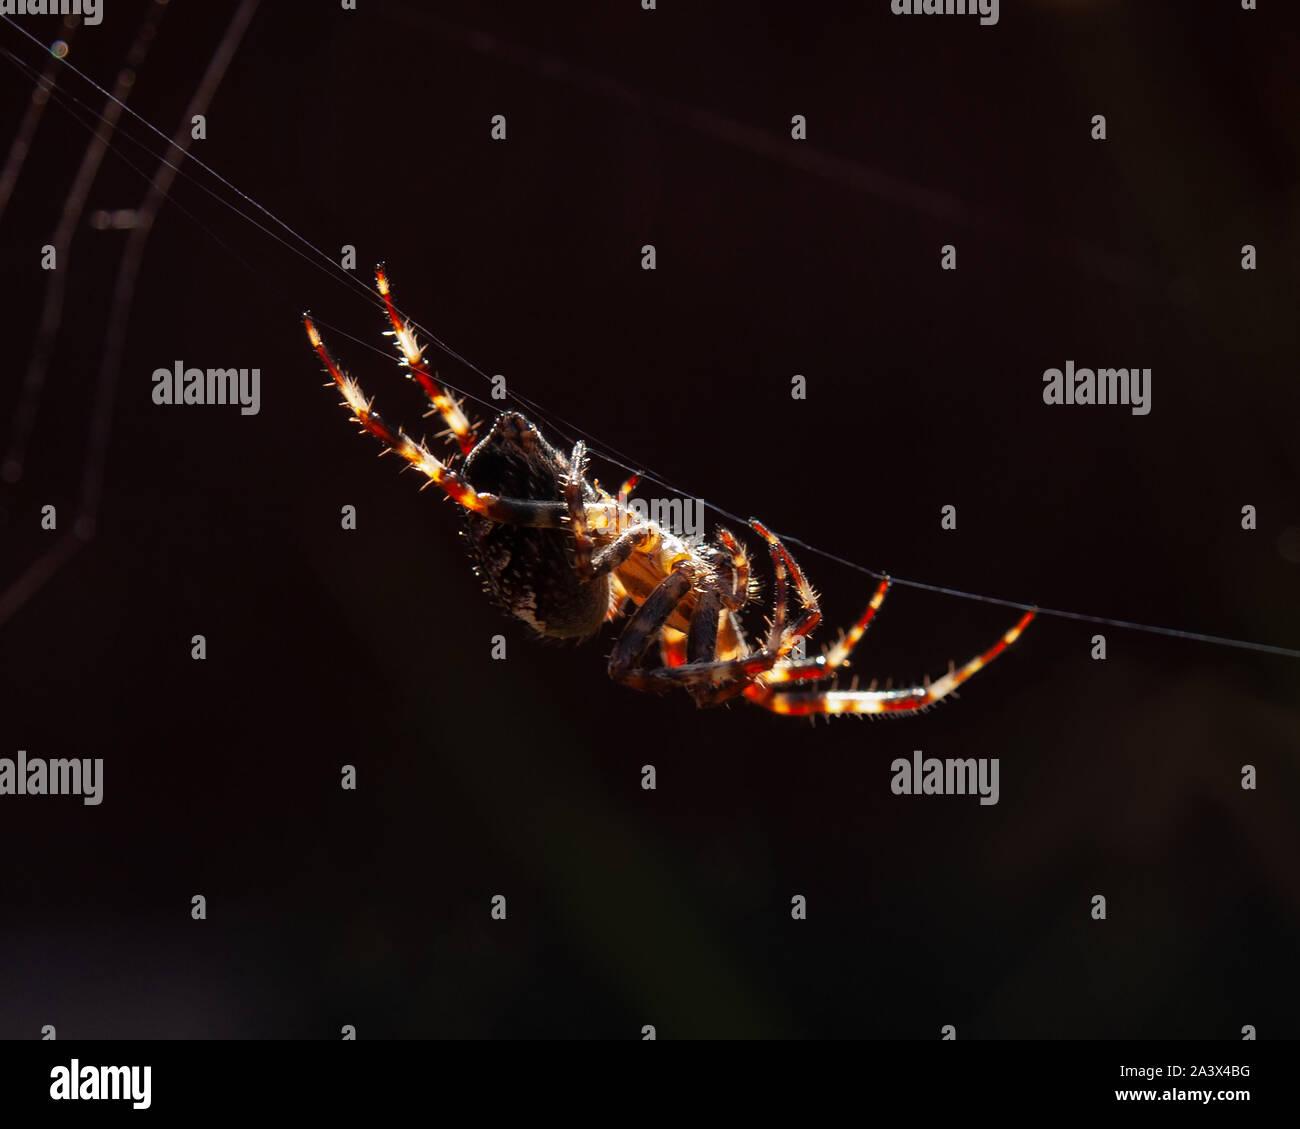 Jardin araignée suspendu par un thread dans la lumière du soleil avec son site web à l'arrière-plan. Soie peut être observé venant de ses filières. Banque D'Images